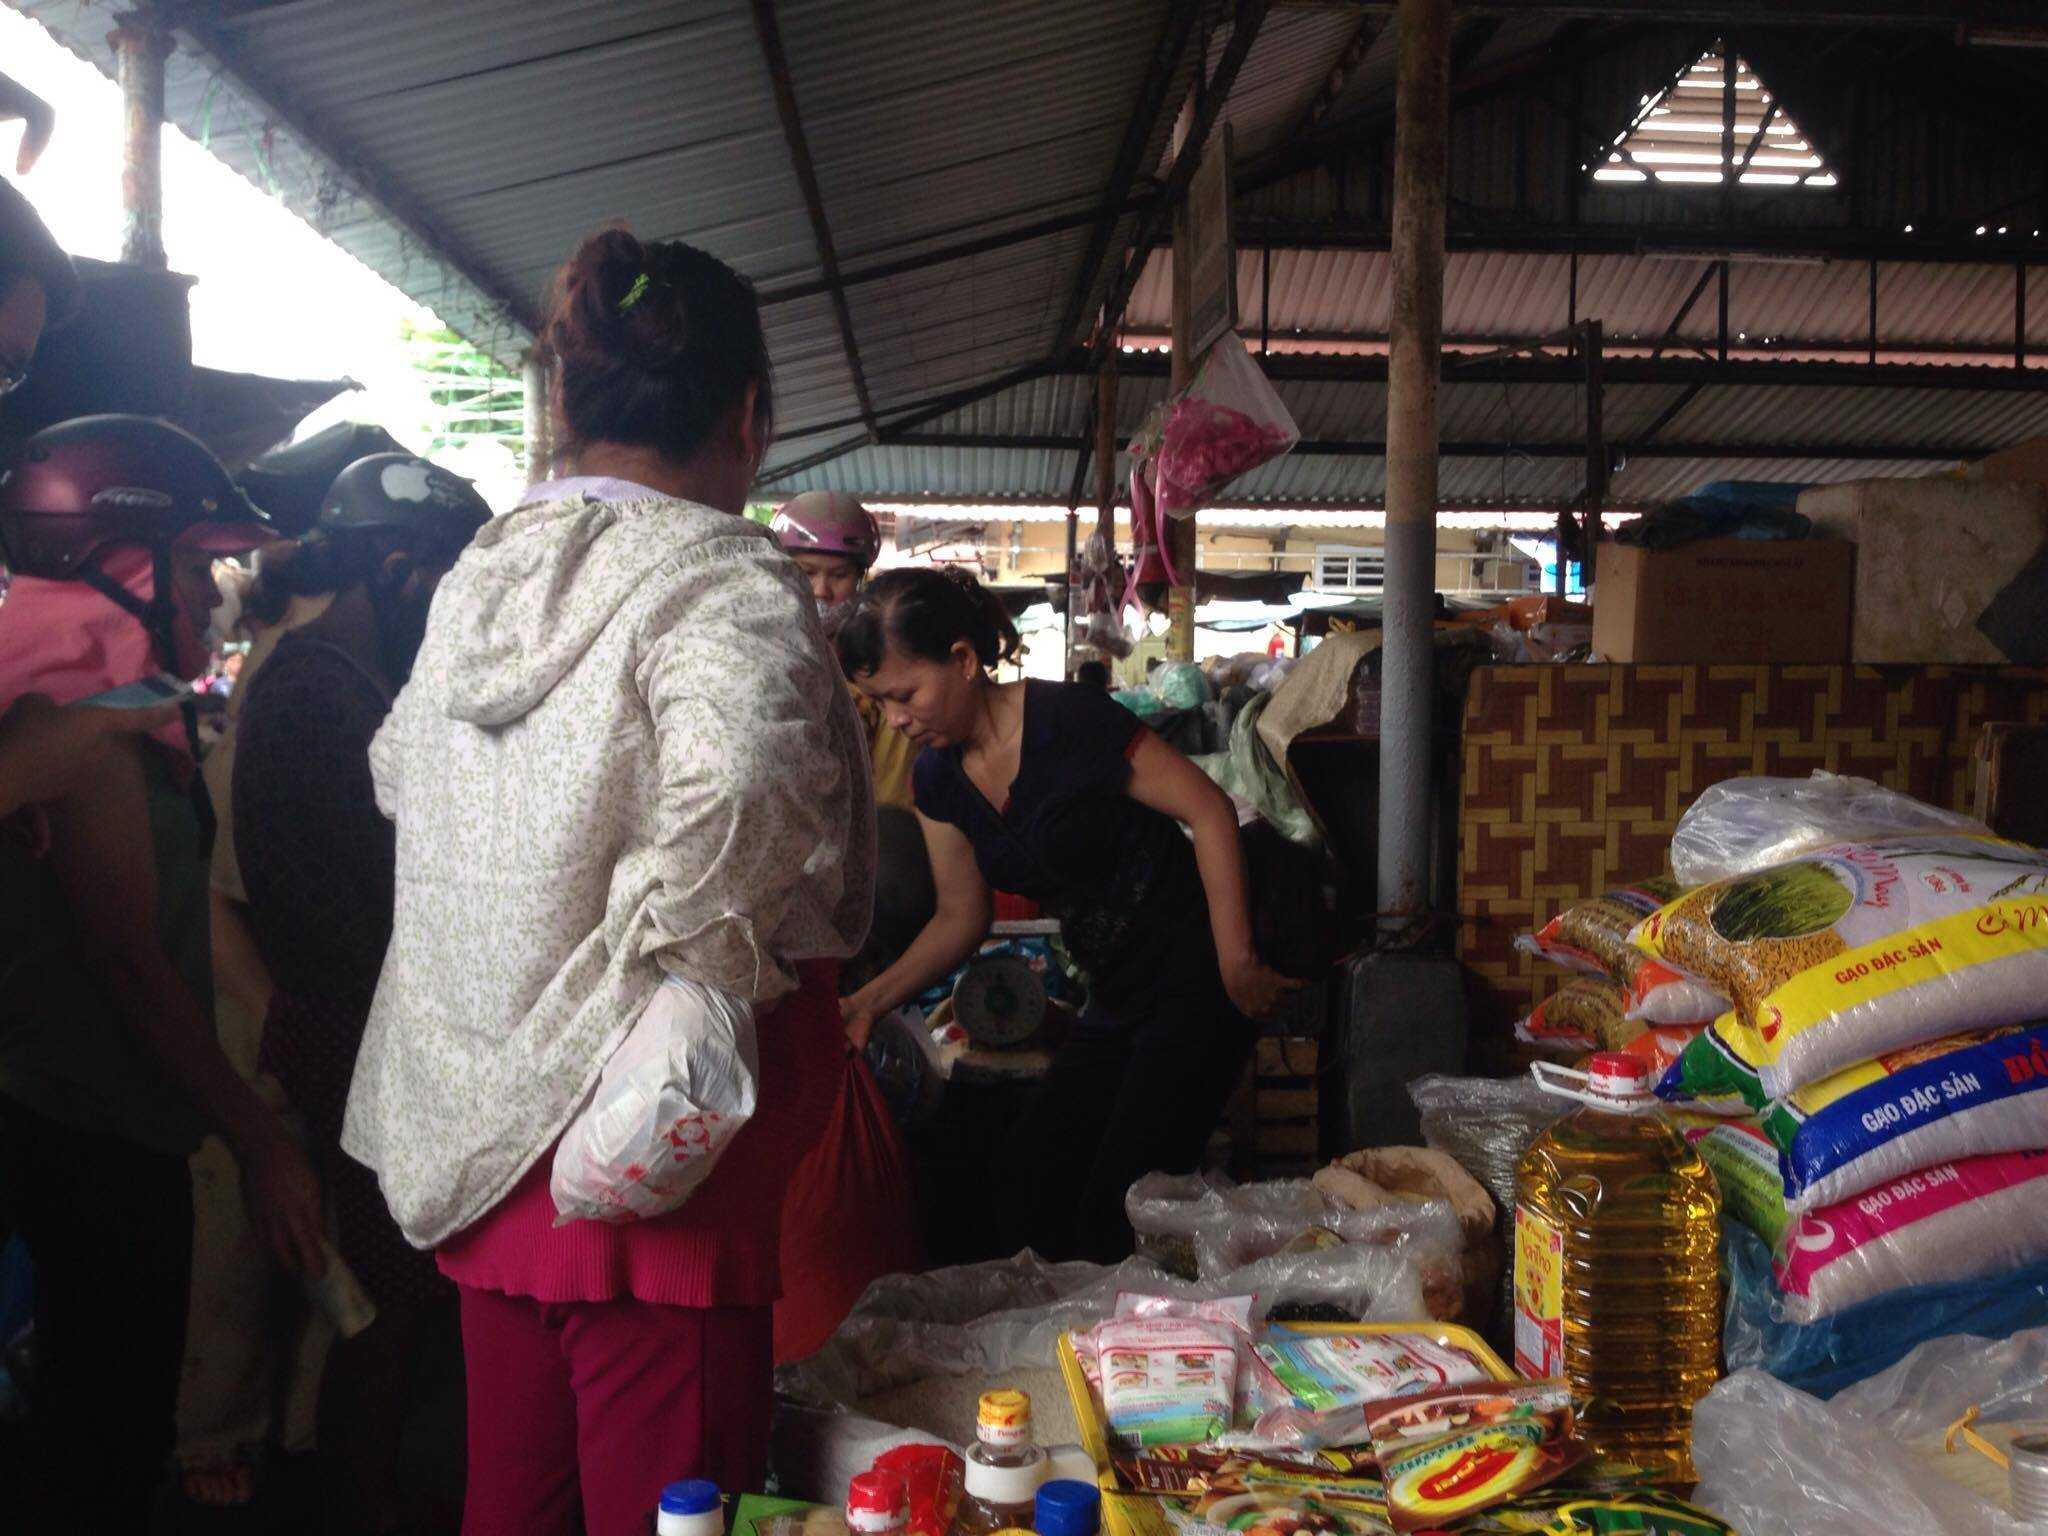 Một cửa hàng bán muối ở chợ Tây Lộc, thành phố Huế cháy hàng vì người mua tăng đột biến.